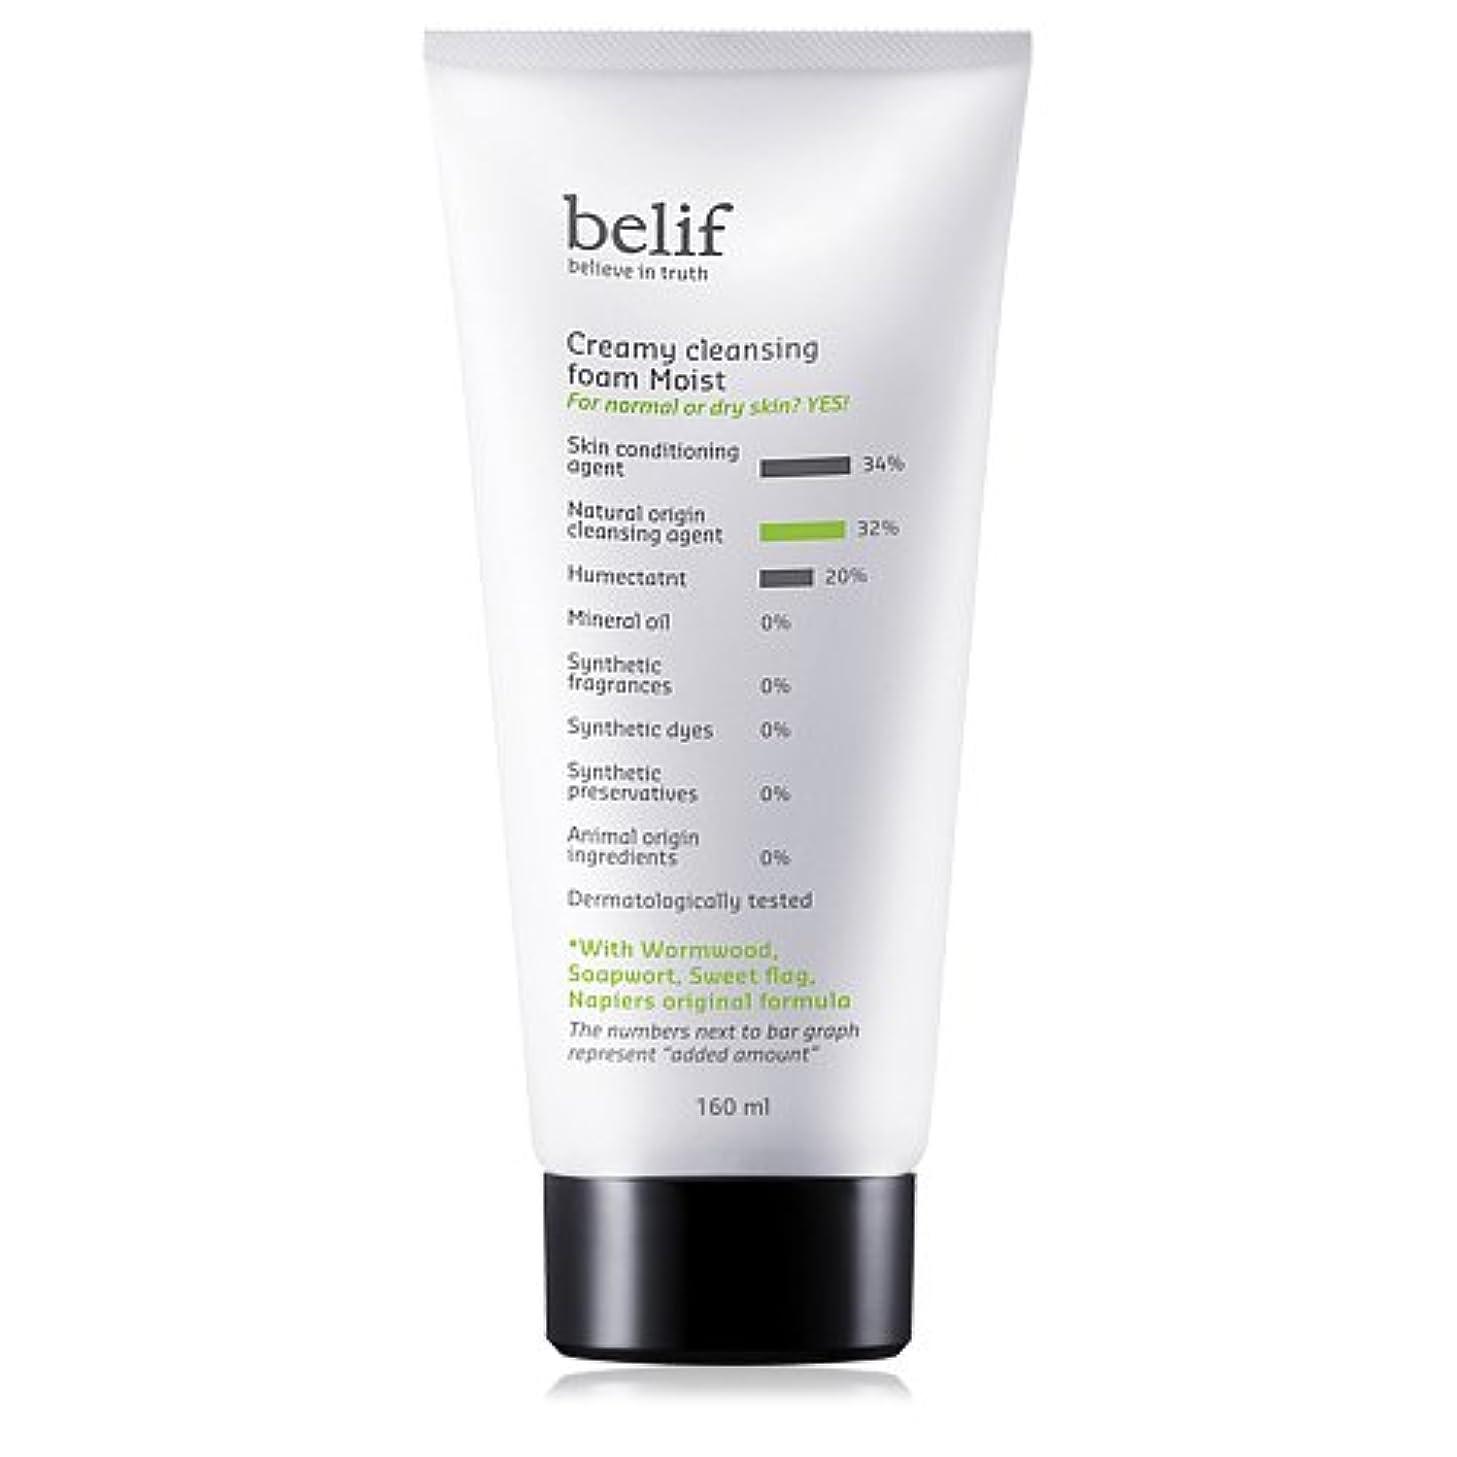 スポーツの試合を担当している人クラウド島Belif(ビリーフ)Creamy cleansing foam moist 160ml[ビリーフクリーミークレンジングフォームモイスト]